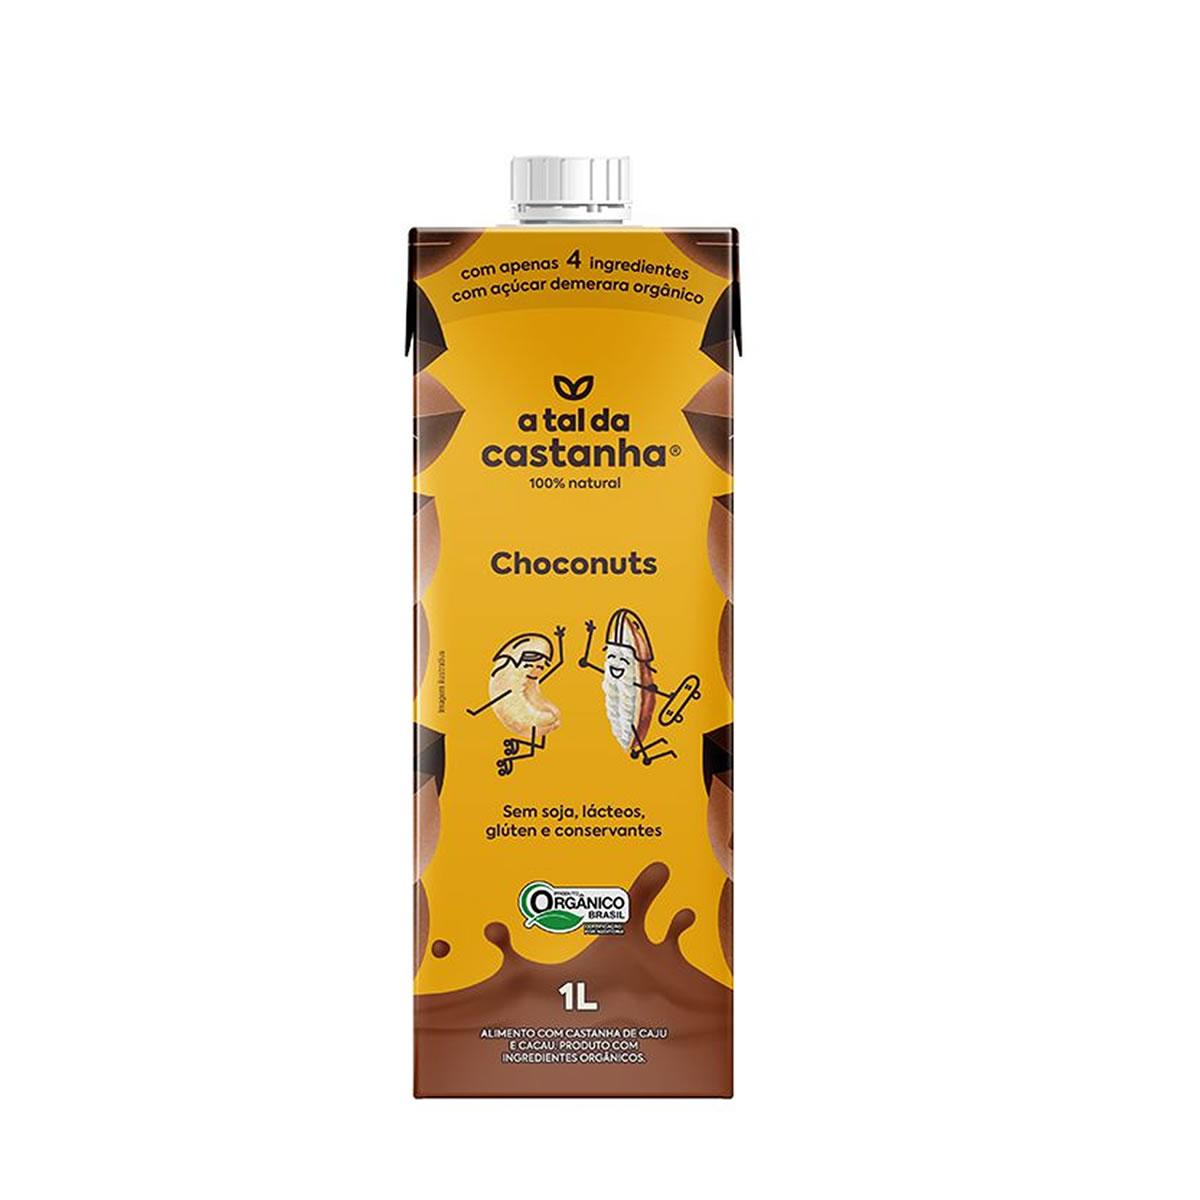 Castanha de Caju e Cacau Choconuts Orgânico 1L  - A Tal da Castanha